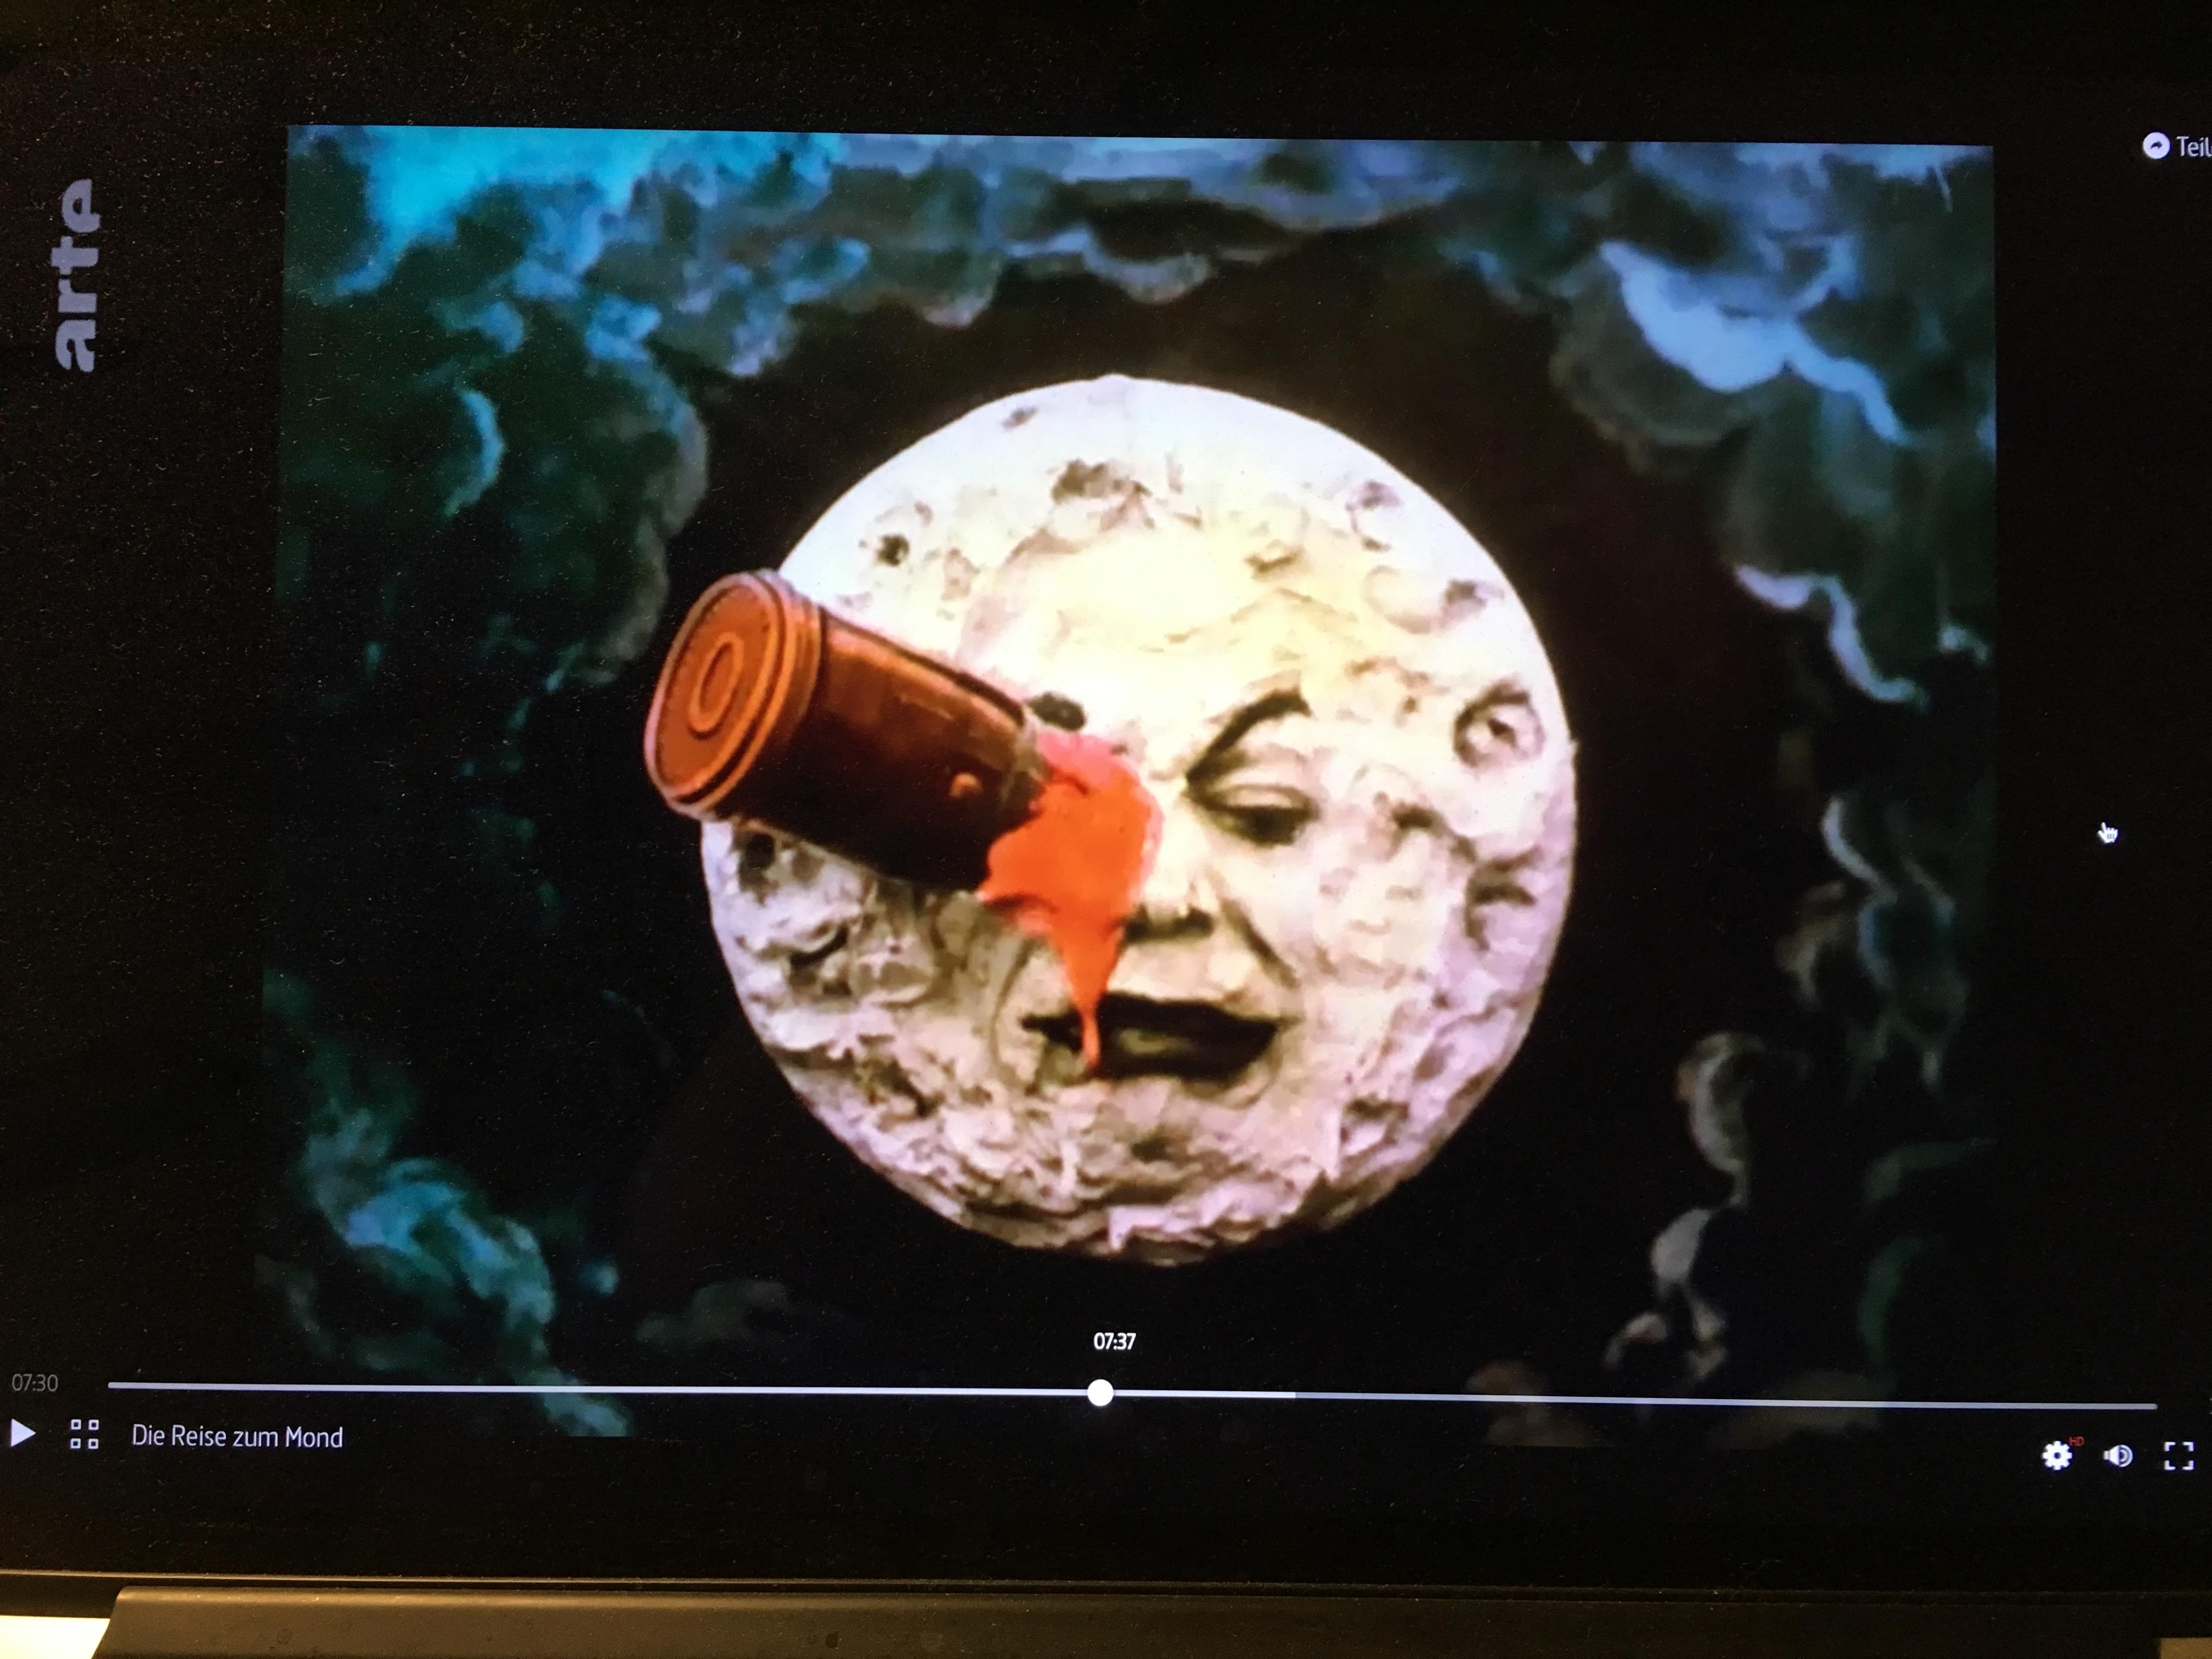 Die Reise zum Mond